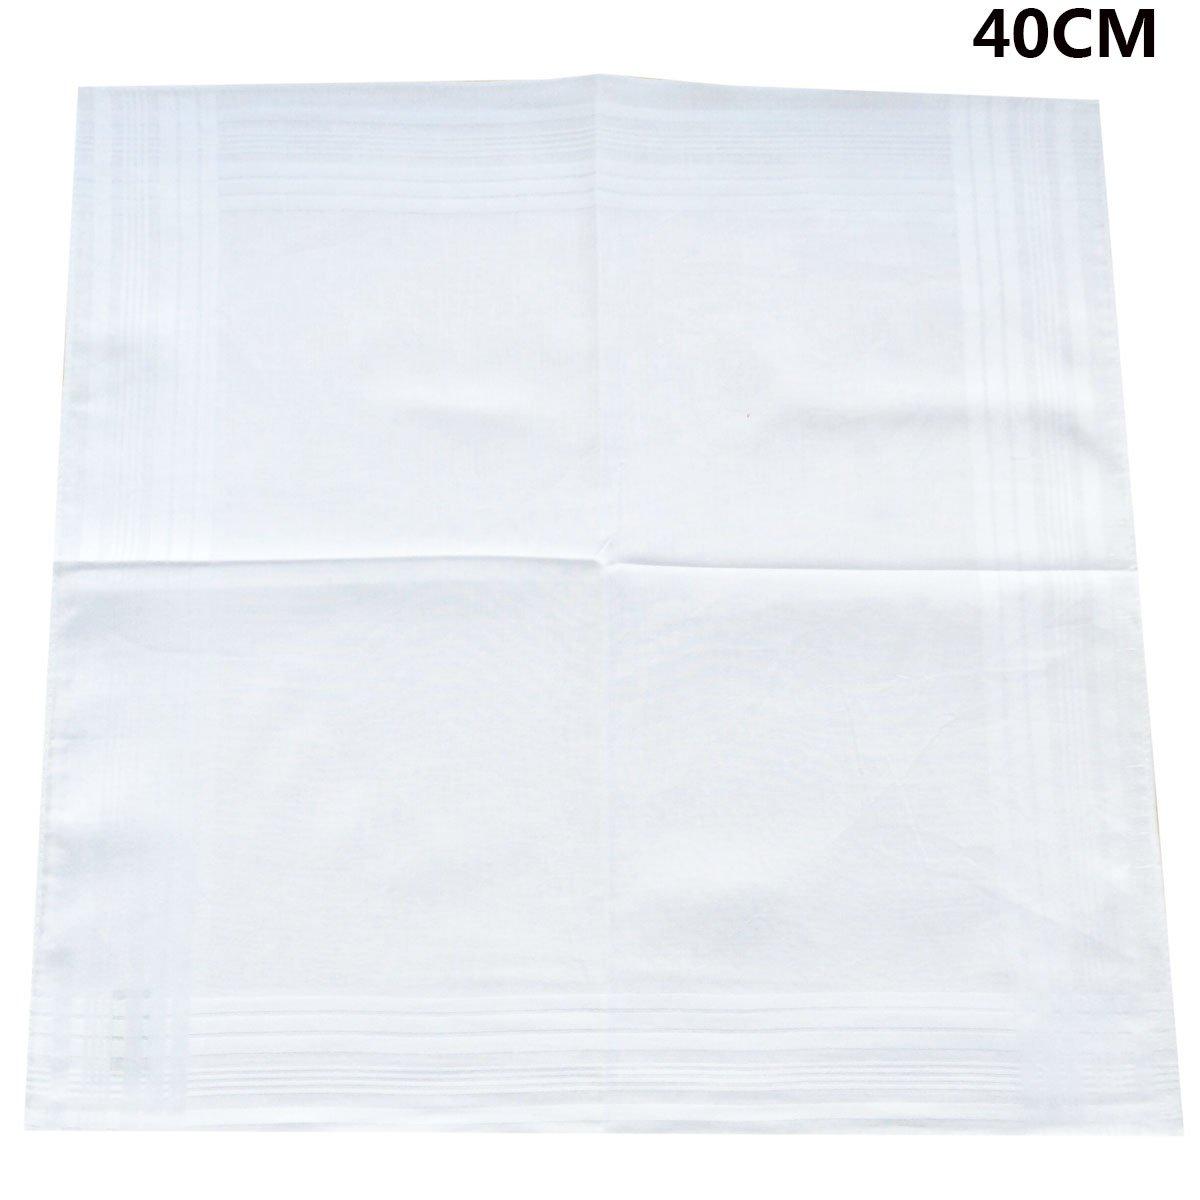 LACS Men's Solid White Cotton Handkerchiefs Pack by LACS Handkerchiefs (Image #5)